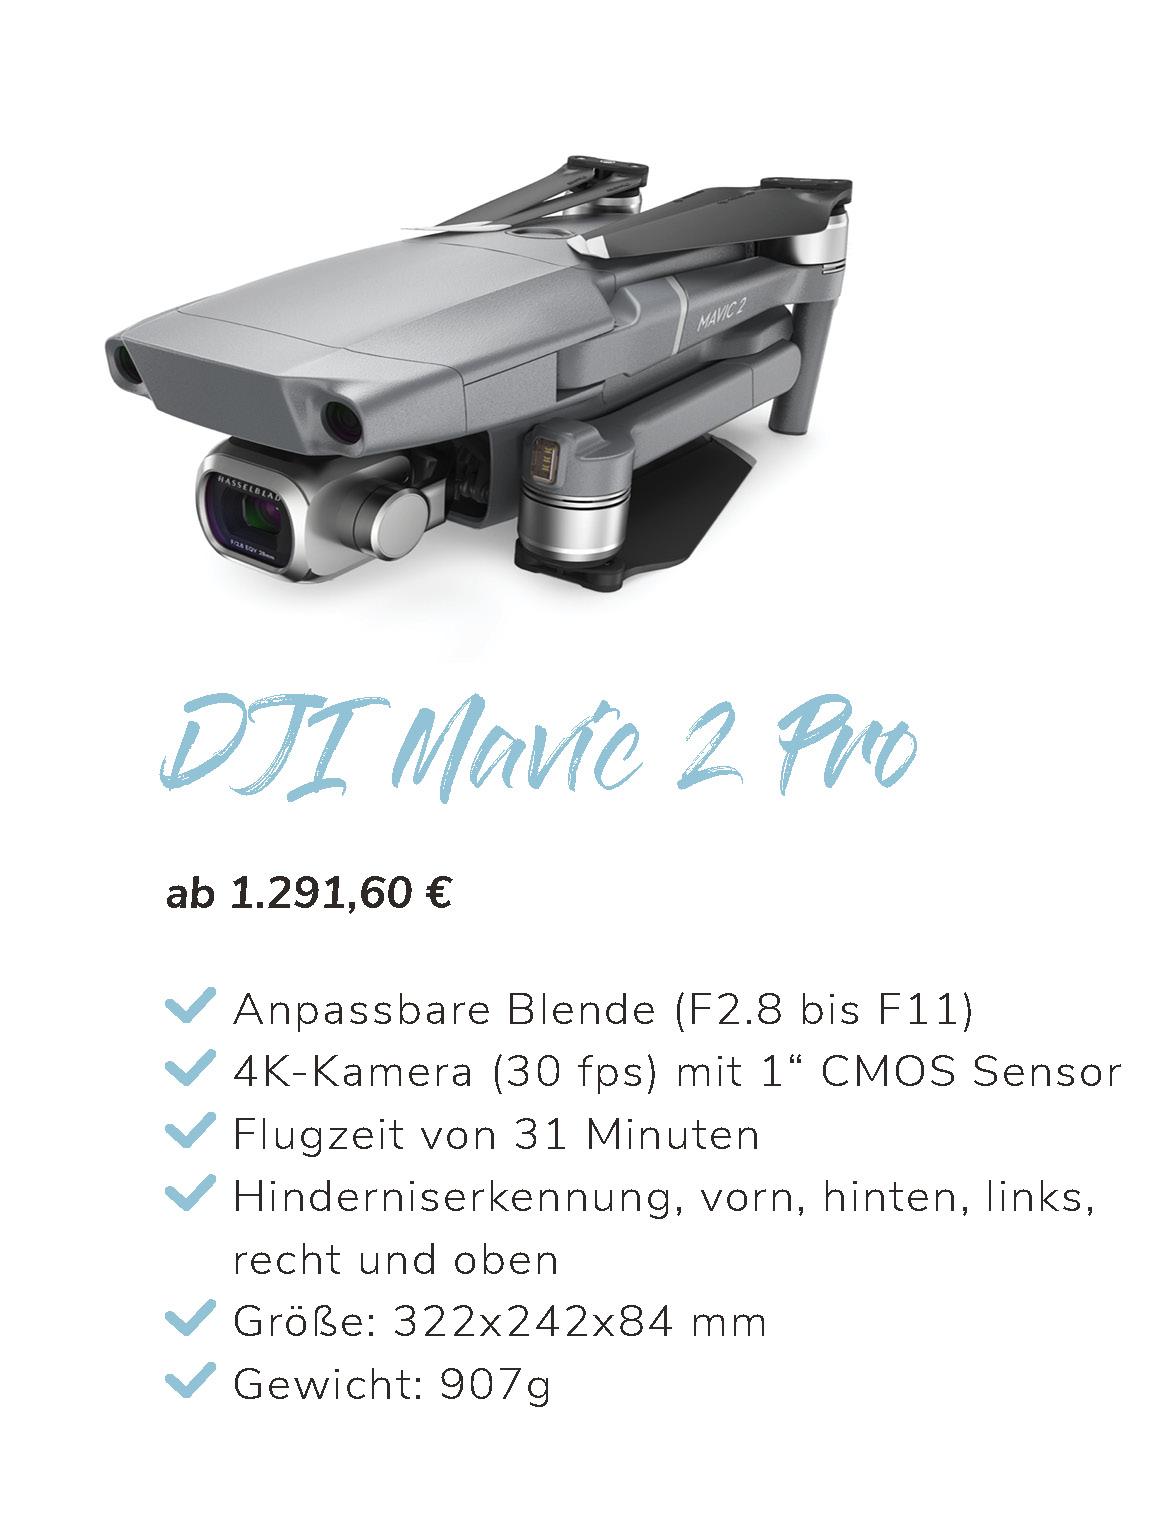 DJI Mavic 2 Pro Übersicht und Eigenschaften